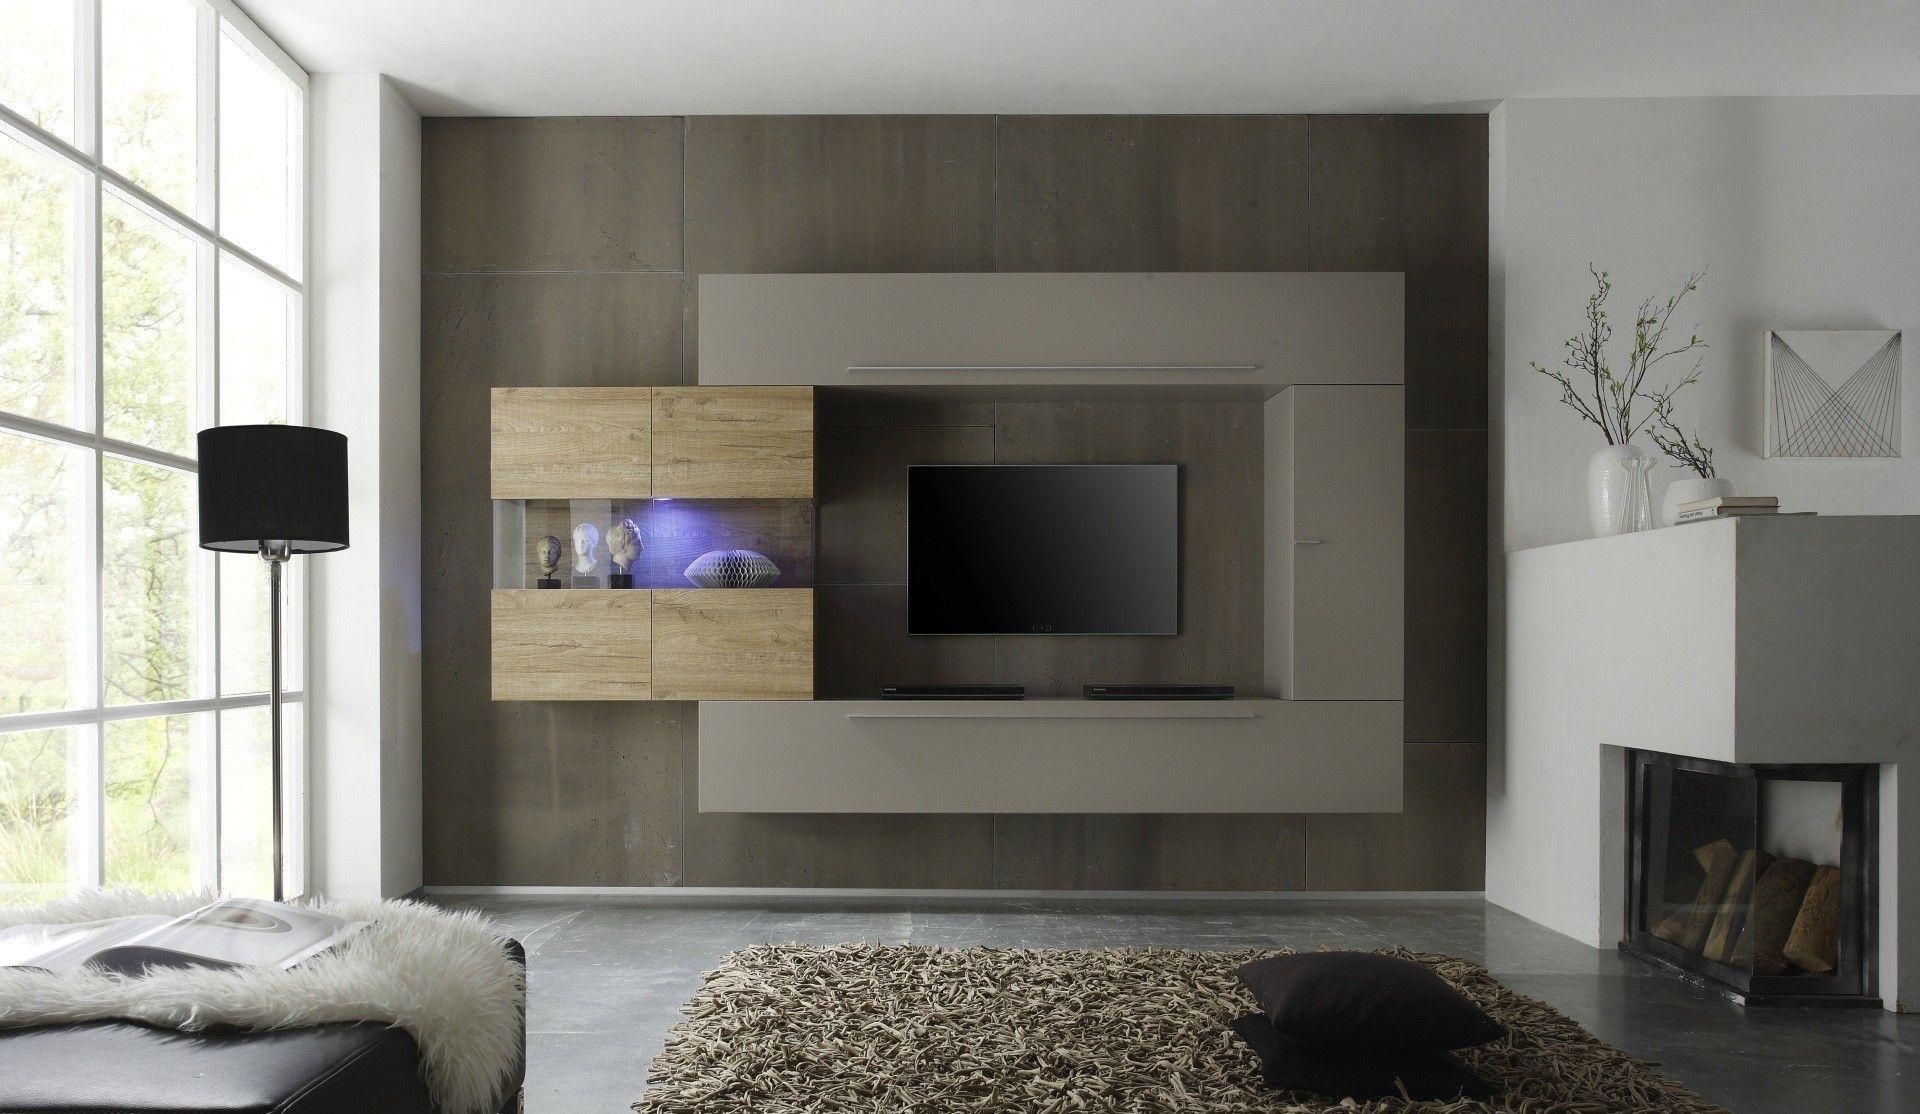 mur télévision design - Recherche Google | salon | Pinterest ...